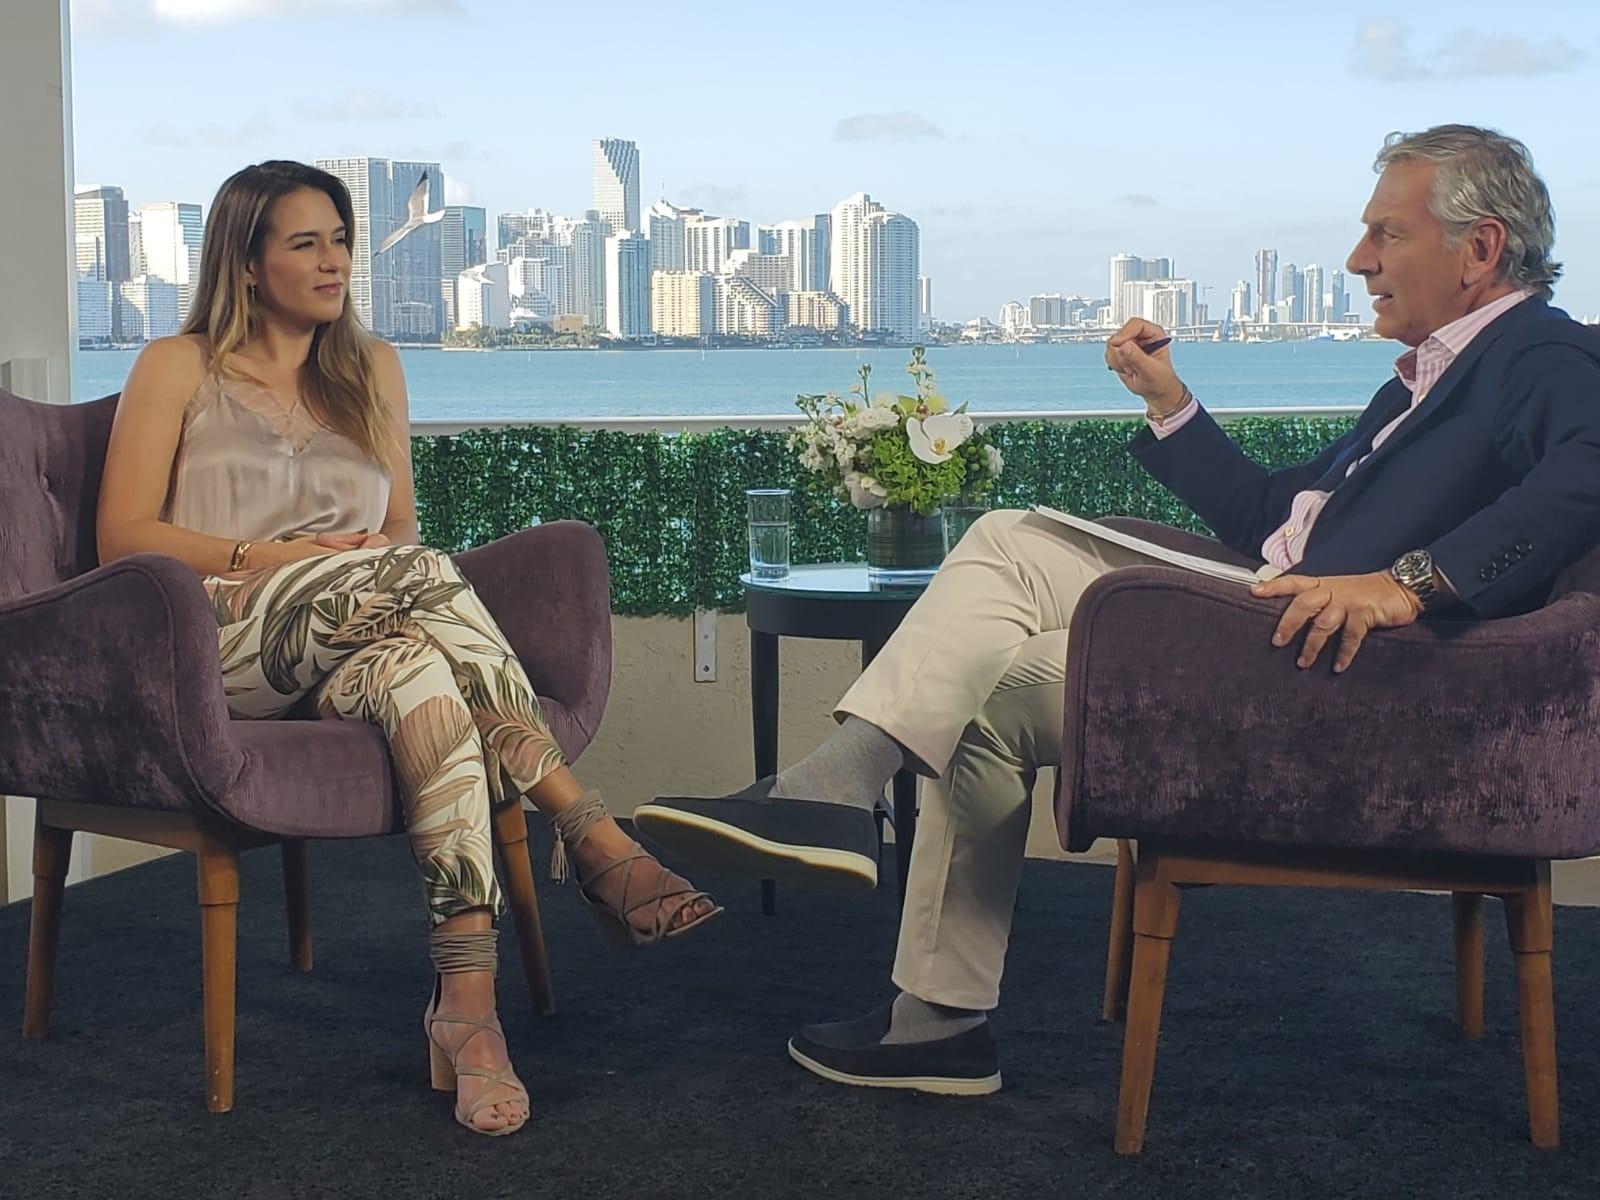 Érika de la Vega durante la entrevista. / Foto: CNN en Español.